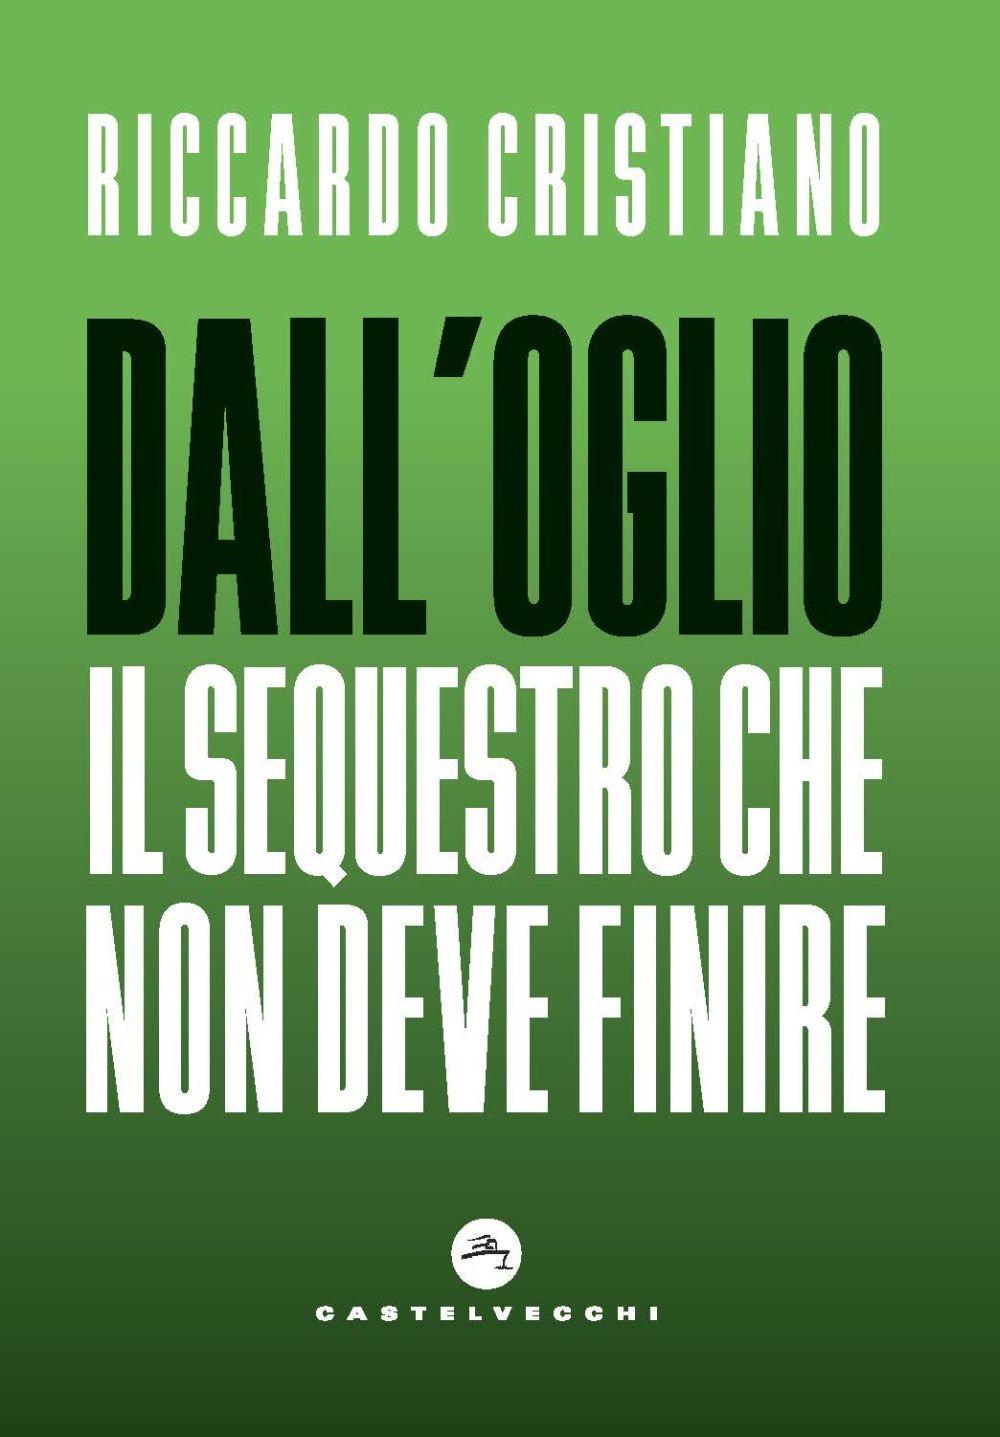 DALL'OGLIO. IL SEQUESTRO CHE NON DEVE FINIRE - Cristiano Riccardo - 9788832901566